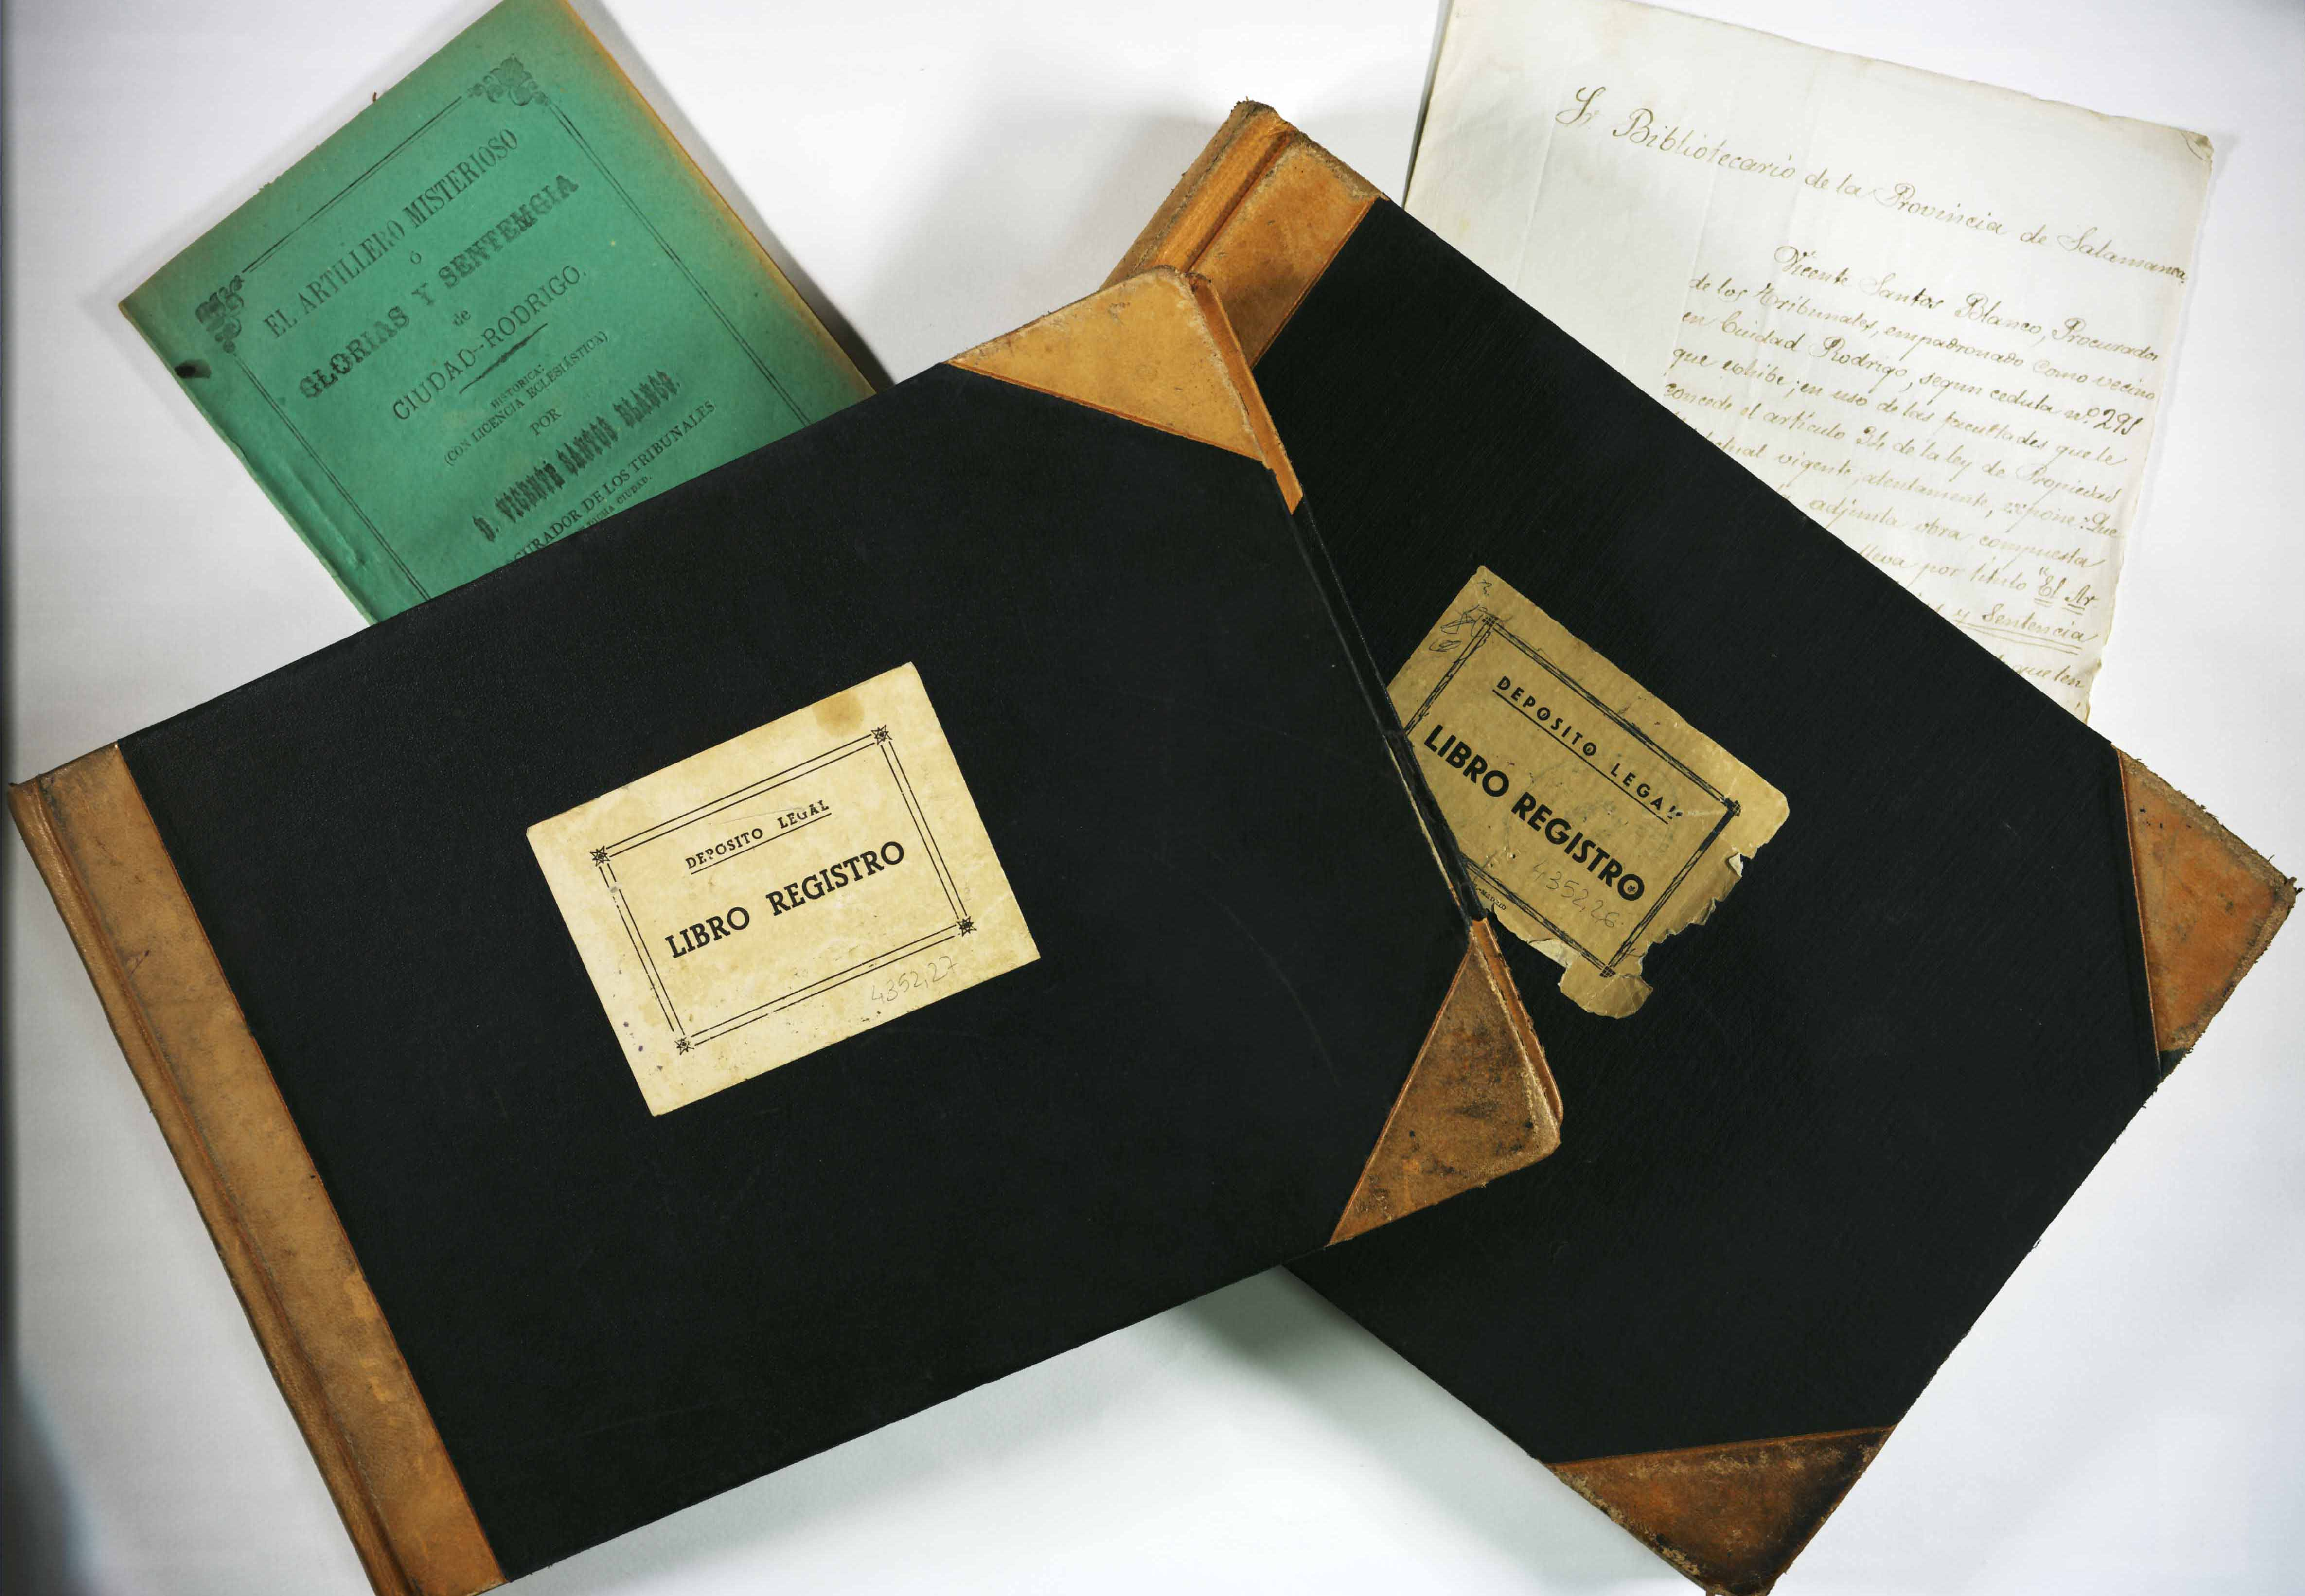 La Universidad de Salamanca hace público los fondos de los archivos de los Registros de la Propiedad Intelectual y el Deposito Legal de la provincia